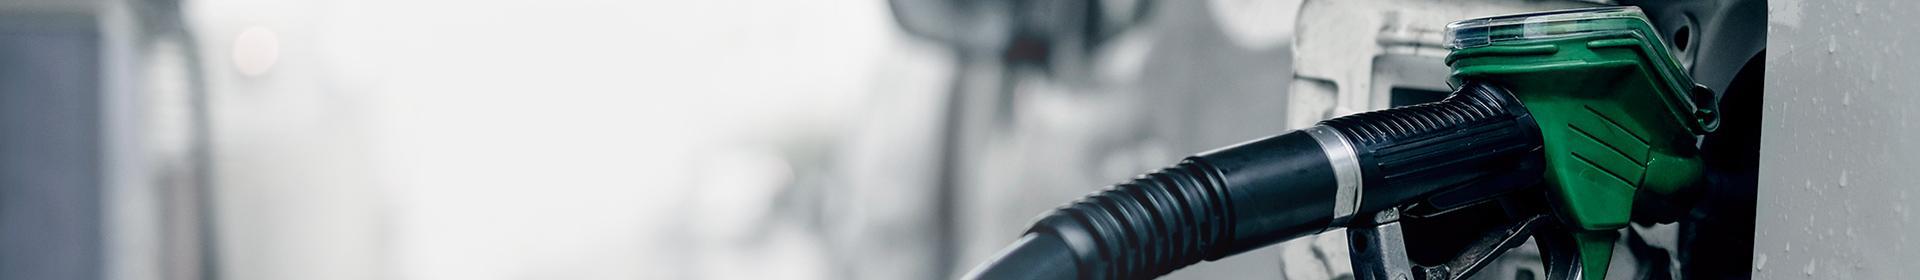 pistolet dystrybutora paliwowego